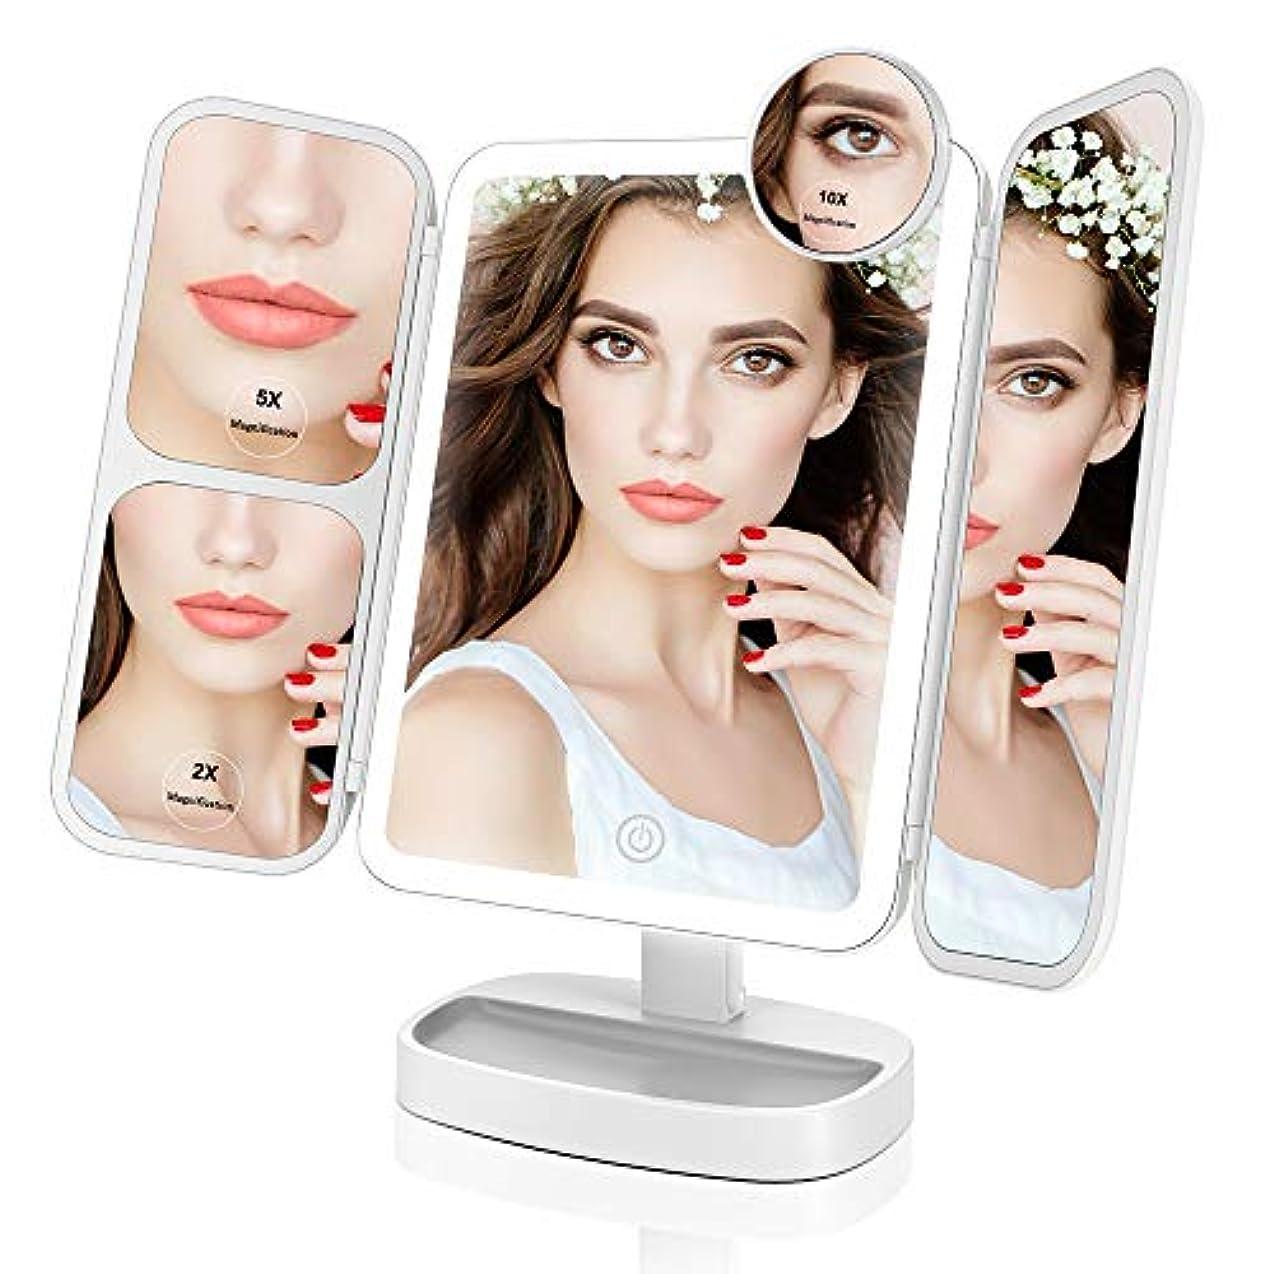 倍増晩餐ペレットEasehold 化粧鏡 三面鏡 化粧ミラー 卓上ミラー 鏡 led付き 折りたたみ 2&5&10倍拡大鏡付き 明るさ調節可能 180°回転 プレゼント(ホワイト)